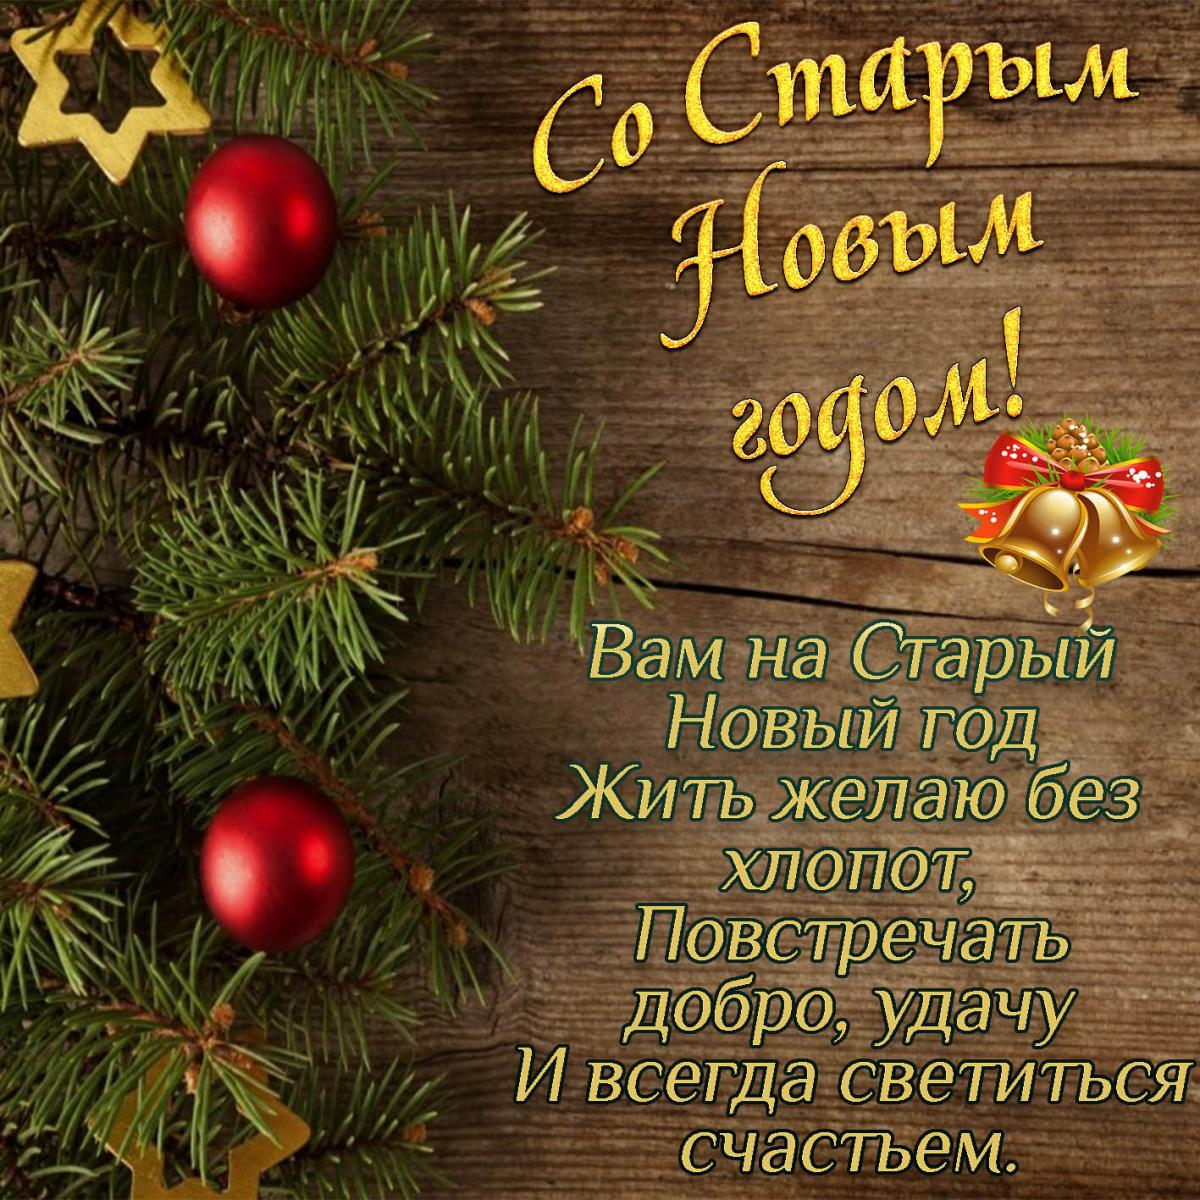 Старый Новый год поздравления / фото bonnycards.ru